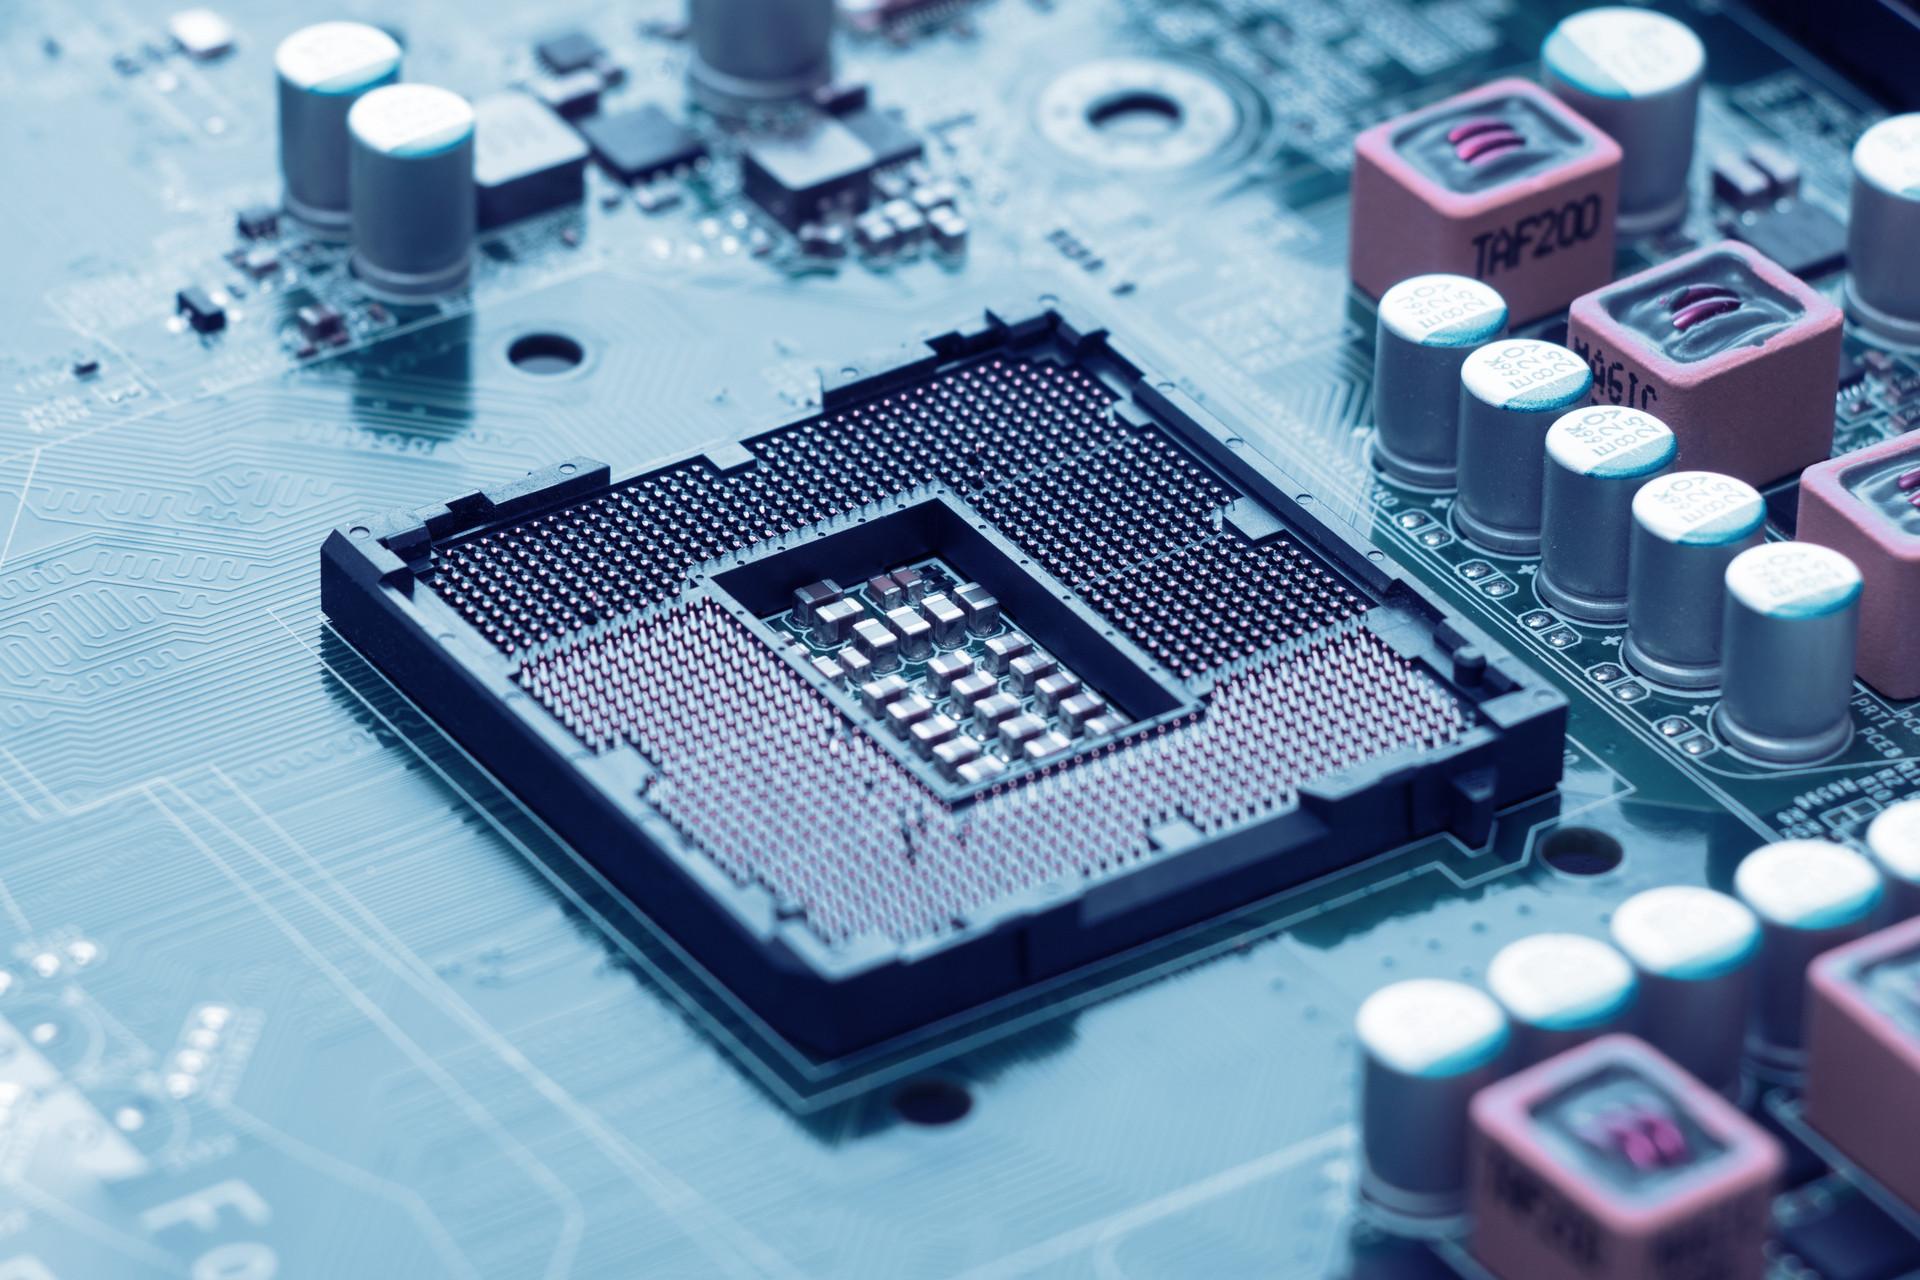 全球最强科技巨头诞生!高端芯片全依赖这家公司:连三星都得低头